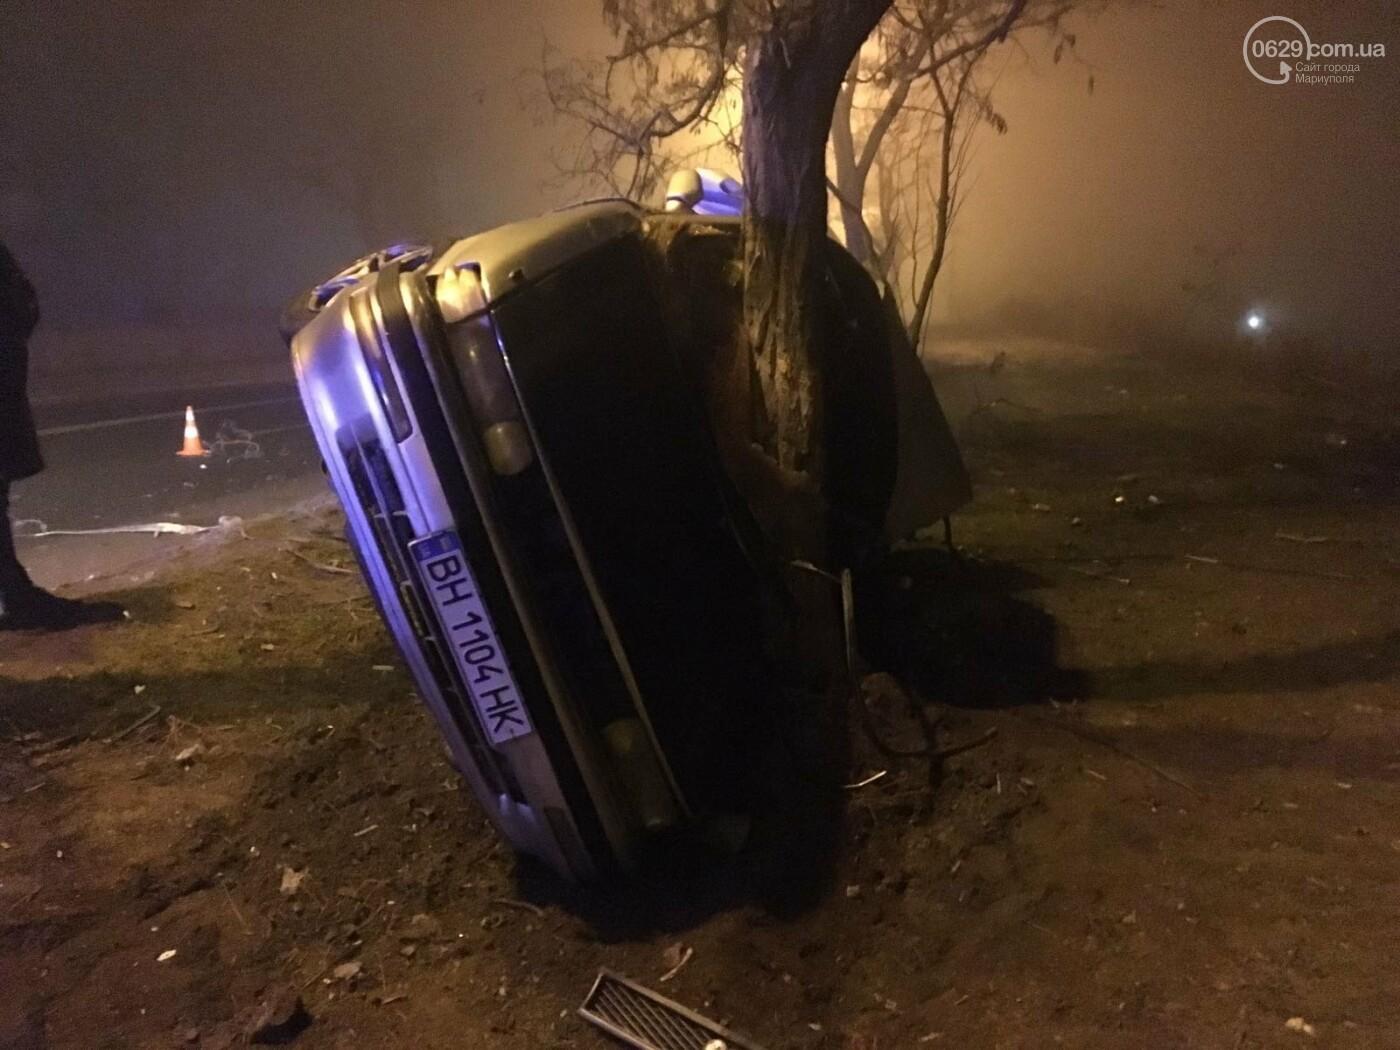 Жуткая авария на Левобережье Мариуполя. Пострадали четверо человек, - ФОТО, фото-1